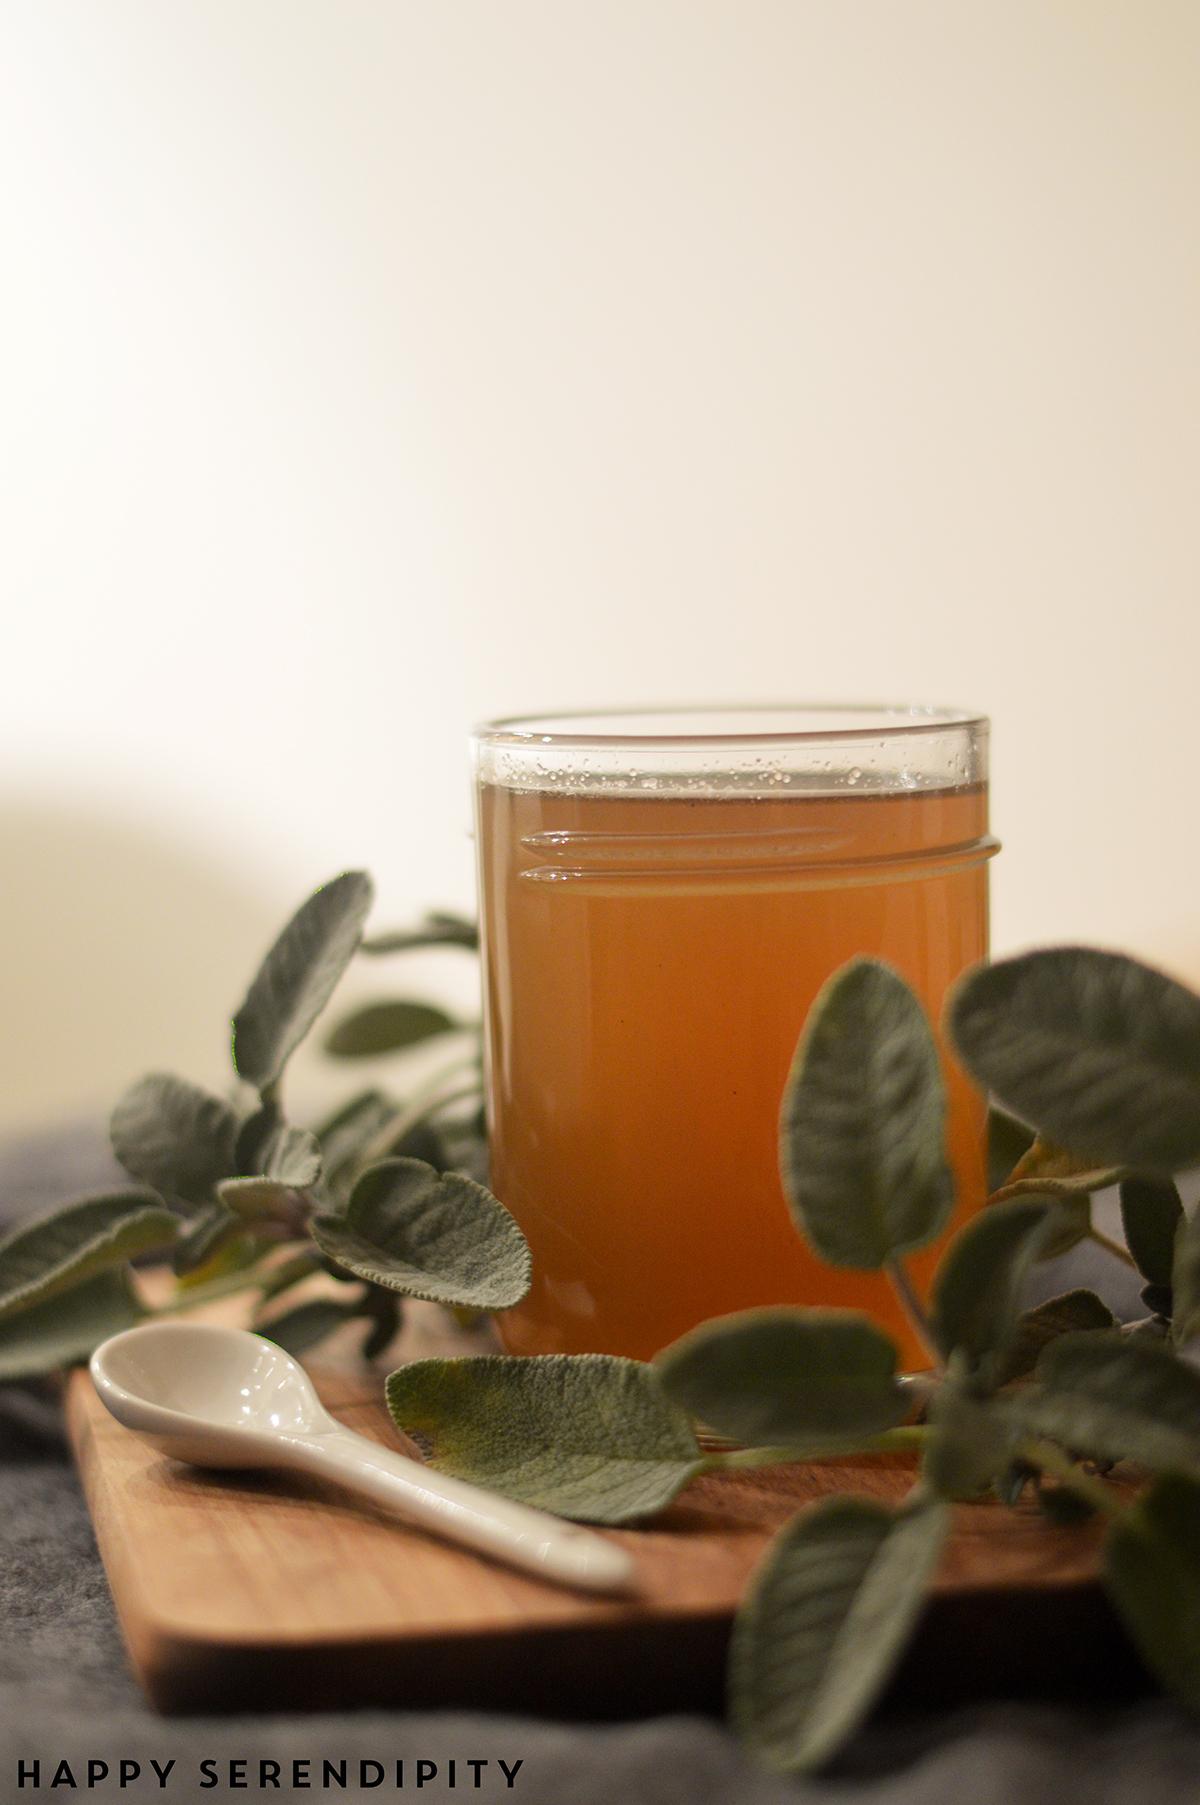 Bei Männergrippe hilft ein Glas selbstgemachter Salbeihonig wahre Wunder. Probiert es doch mal aus! Ein schnelles Rezept von Happy Serendipity